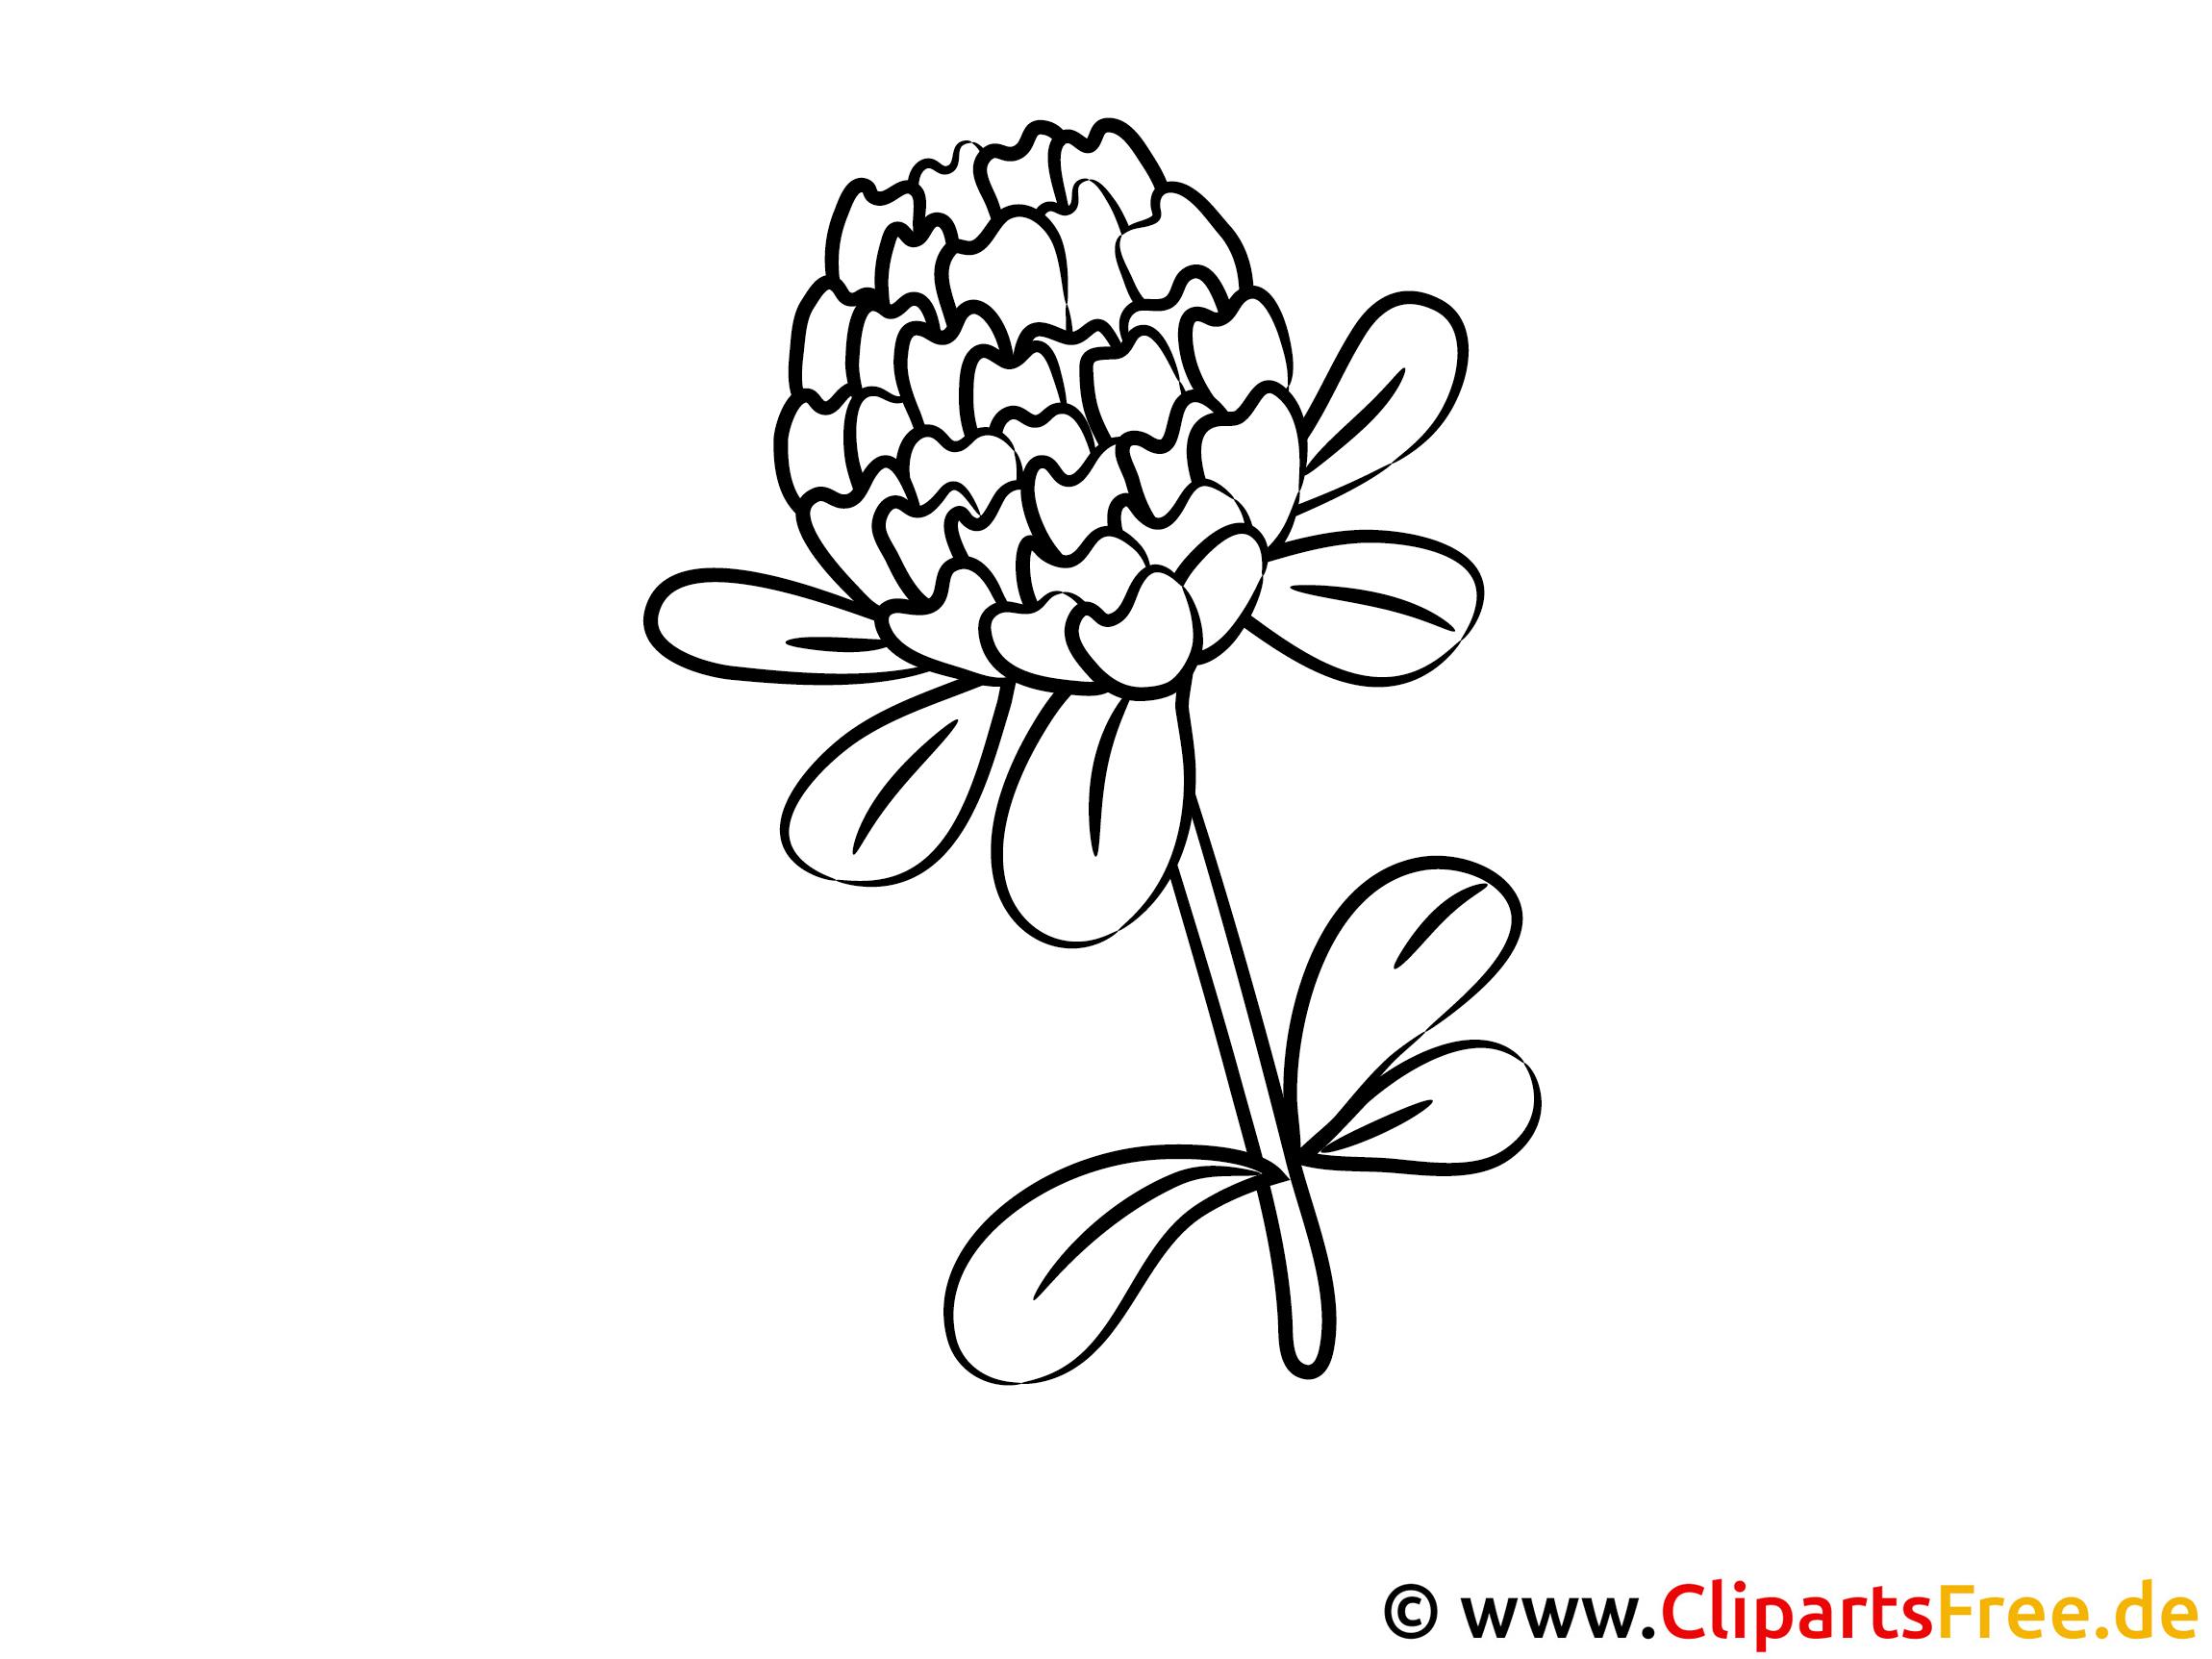 Ausmalbild Kleber - Ausmalbilder mit Blumen